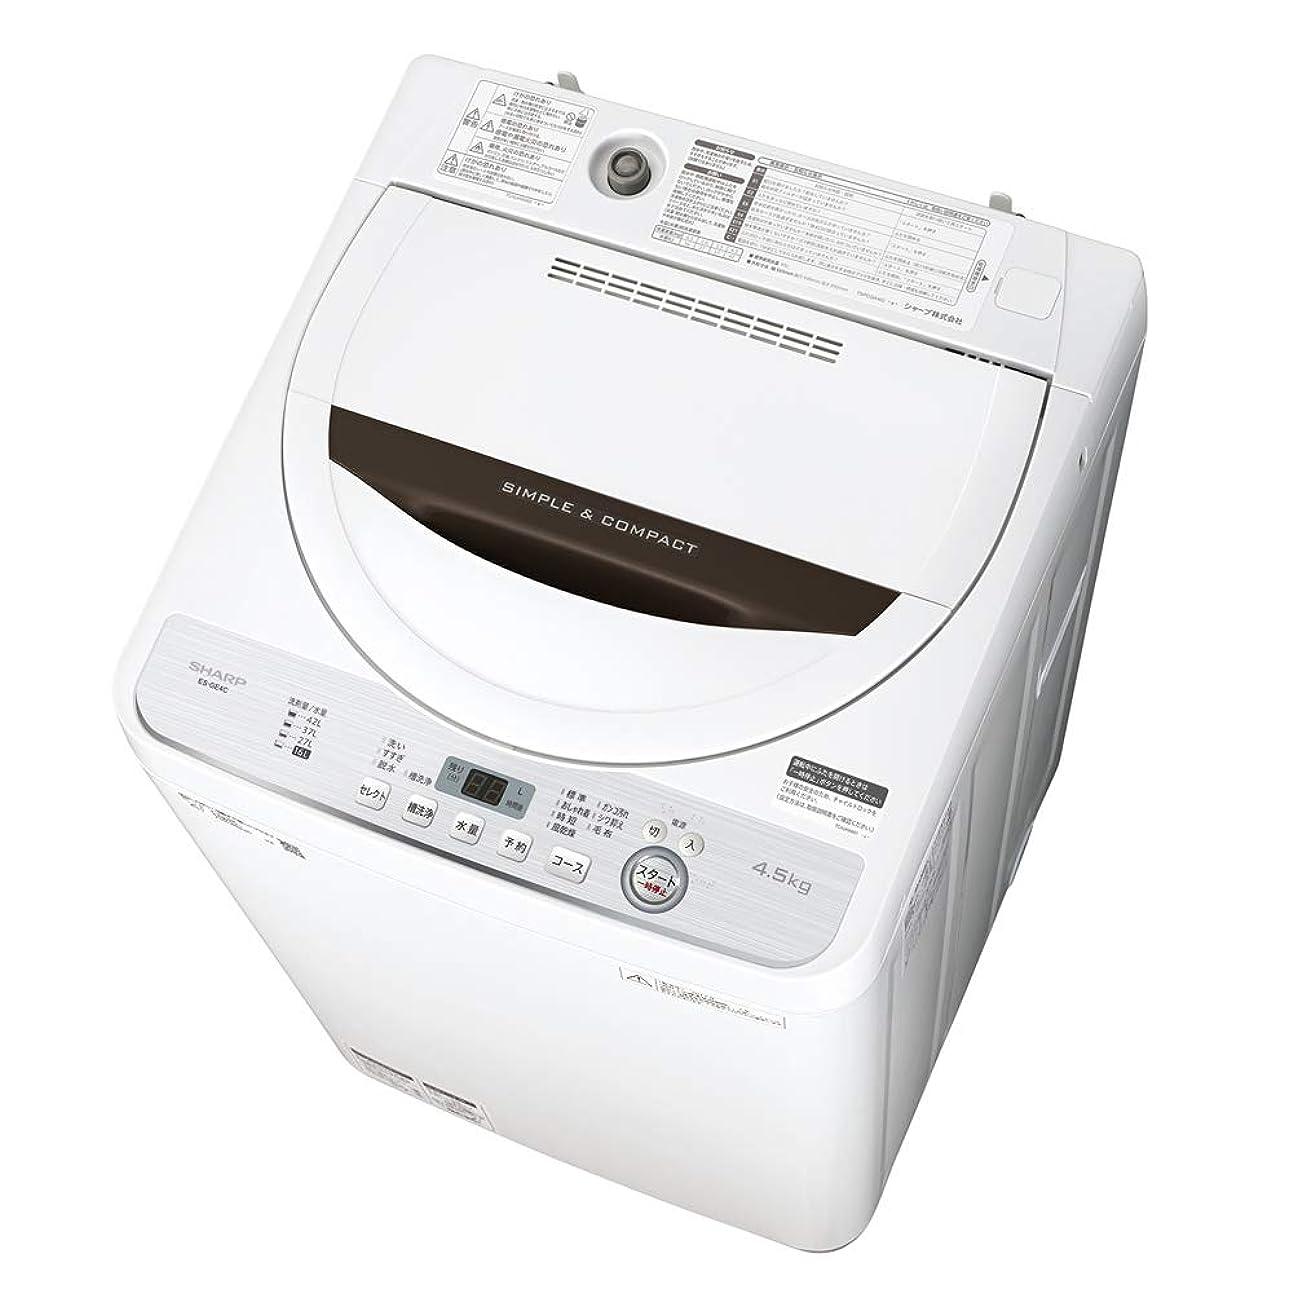 たくさんのスライム食堂シャープ SHARP タテ型洗濯乾燥機 ガラストップ ダイヤカット穴なし槽 シルバー系 ES-PX8C-S